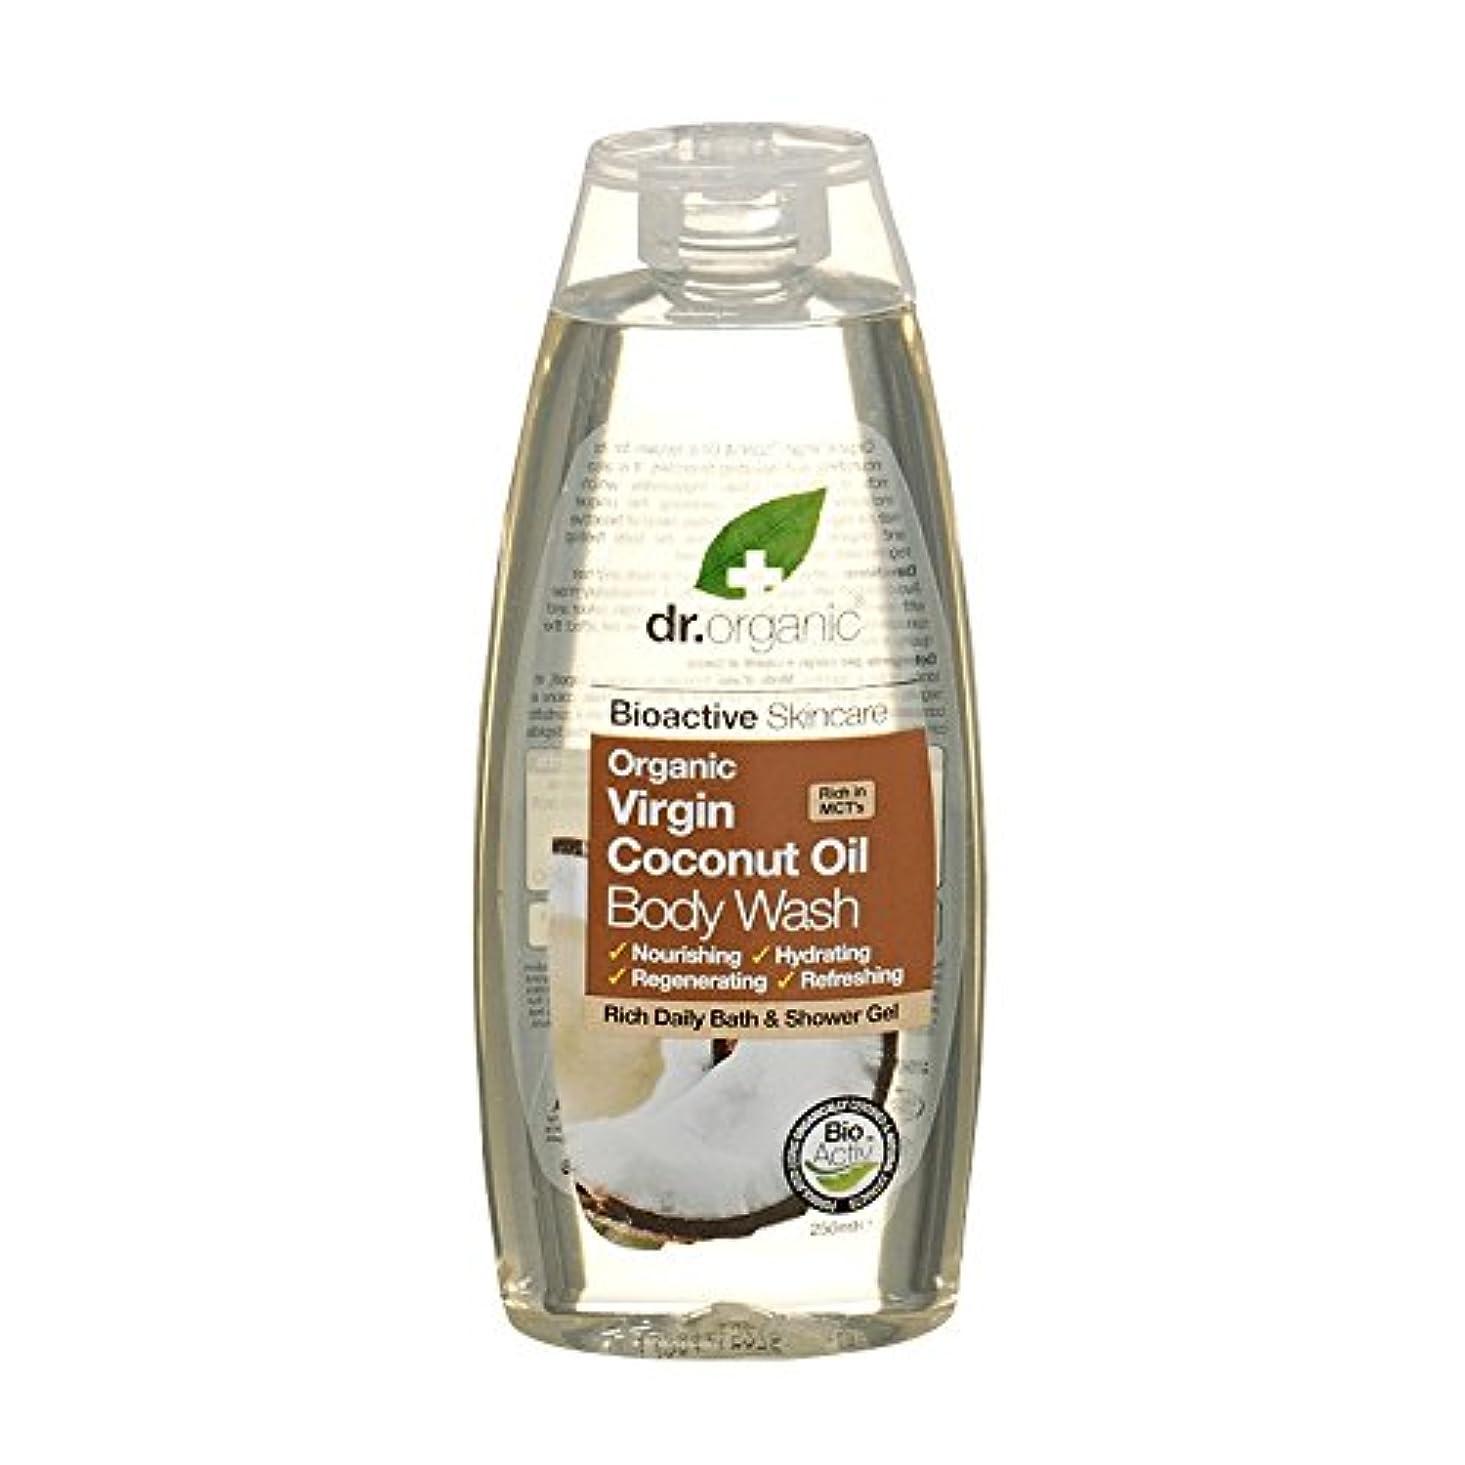 キャリア最大化するテメリティDr有機有機バージンココナッツオイルボディウォッシュ - Dr Organic Organic Virgin Coconut Oil Body Wash (Dr Organic) [並行輸入品]